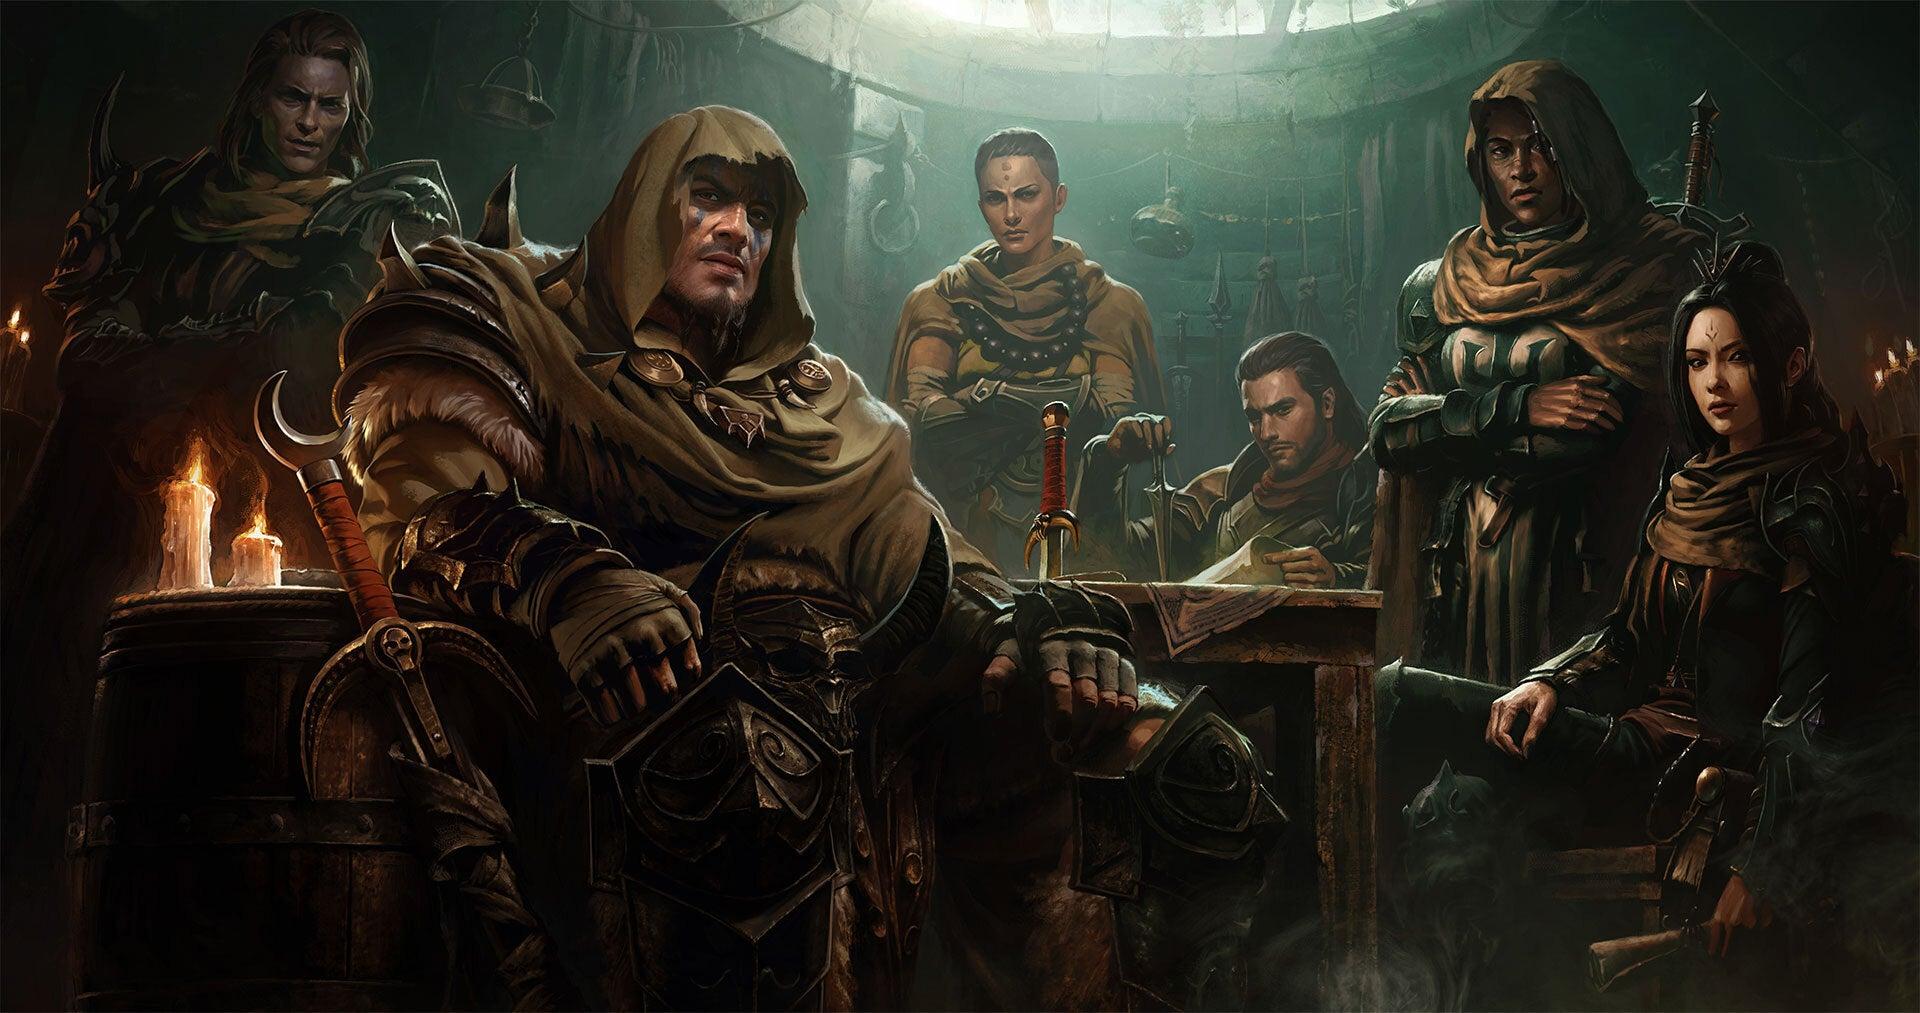 Image for Diablo Immortal has been delayed into 2022